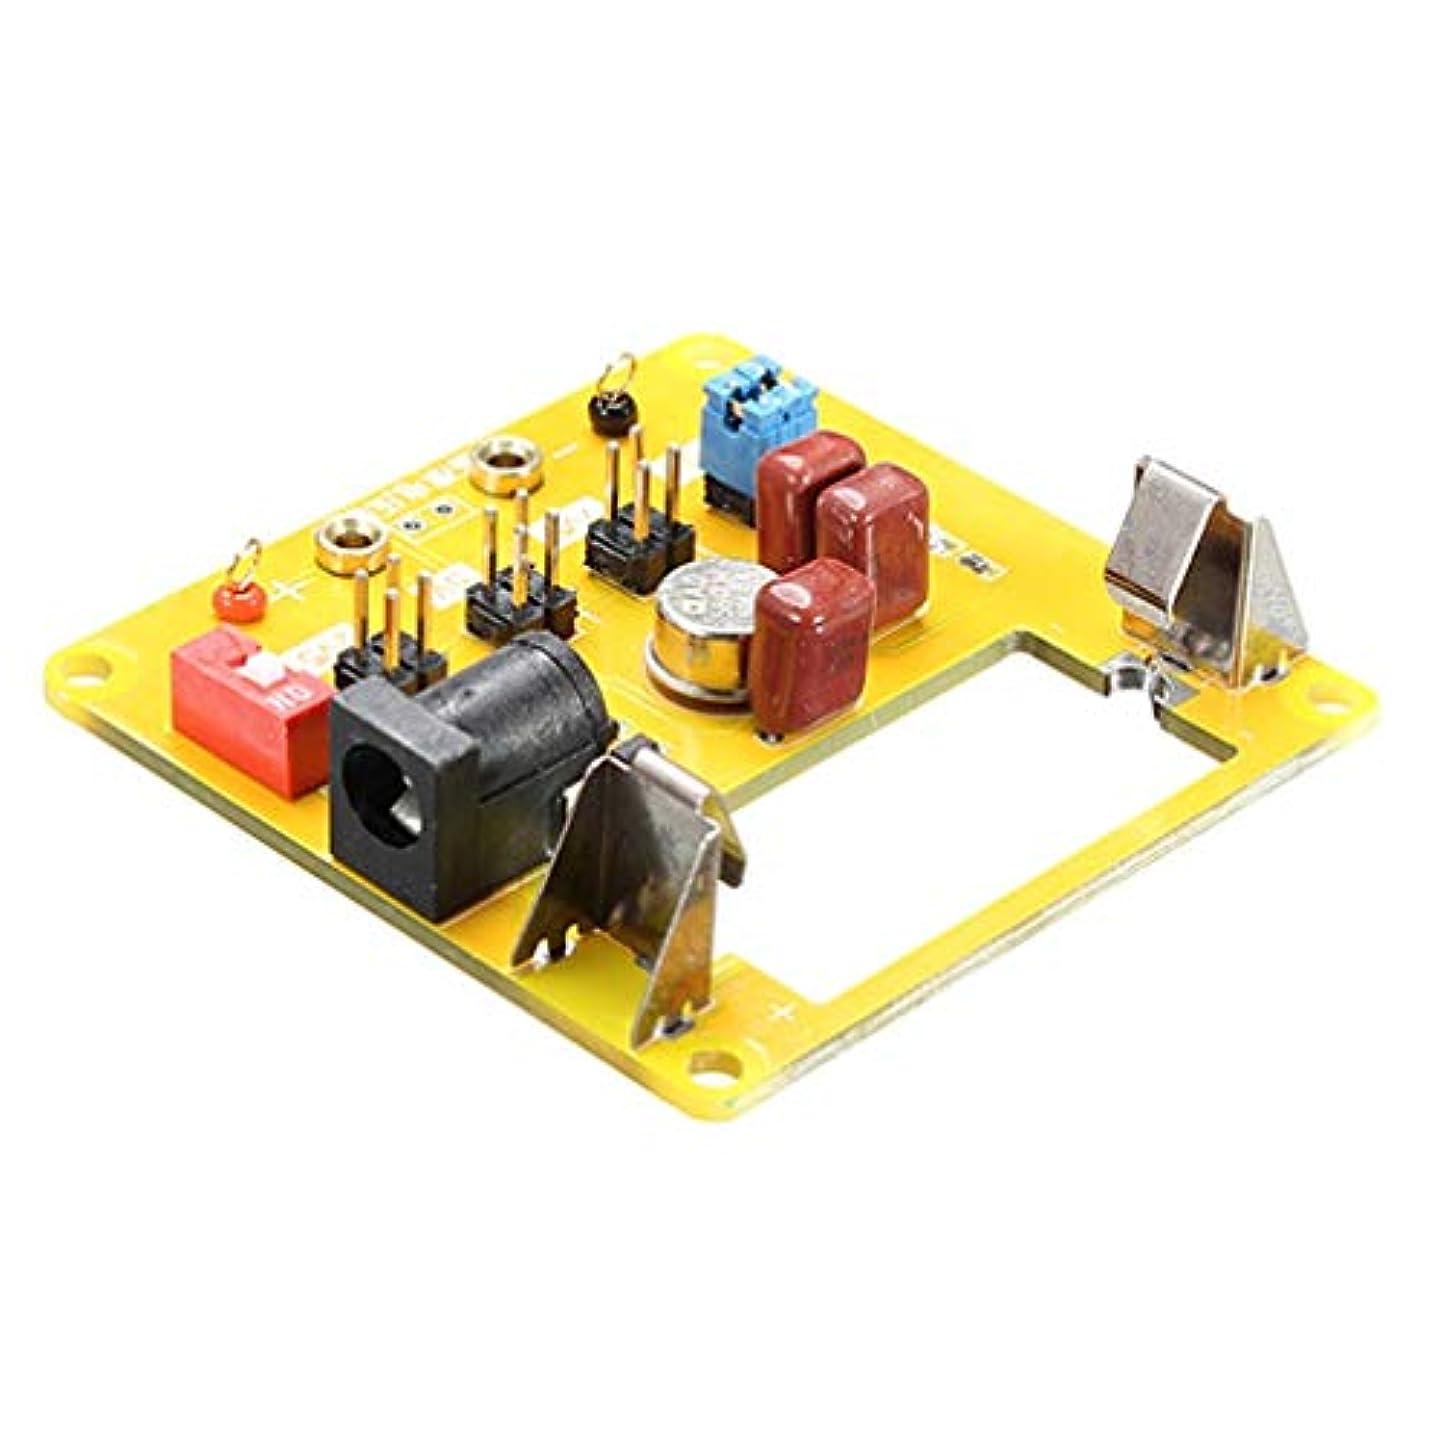 動揺させるラダウェイドAD584高精度電圧リファレンスモジュール、4チャンネル、2.5V / 7.5V / 5V / 10V